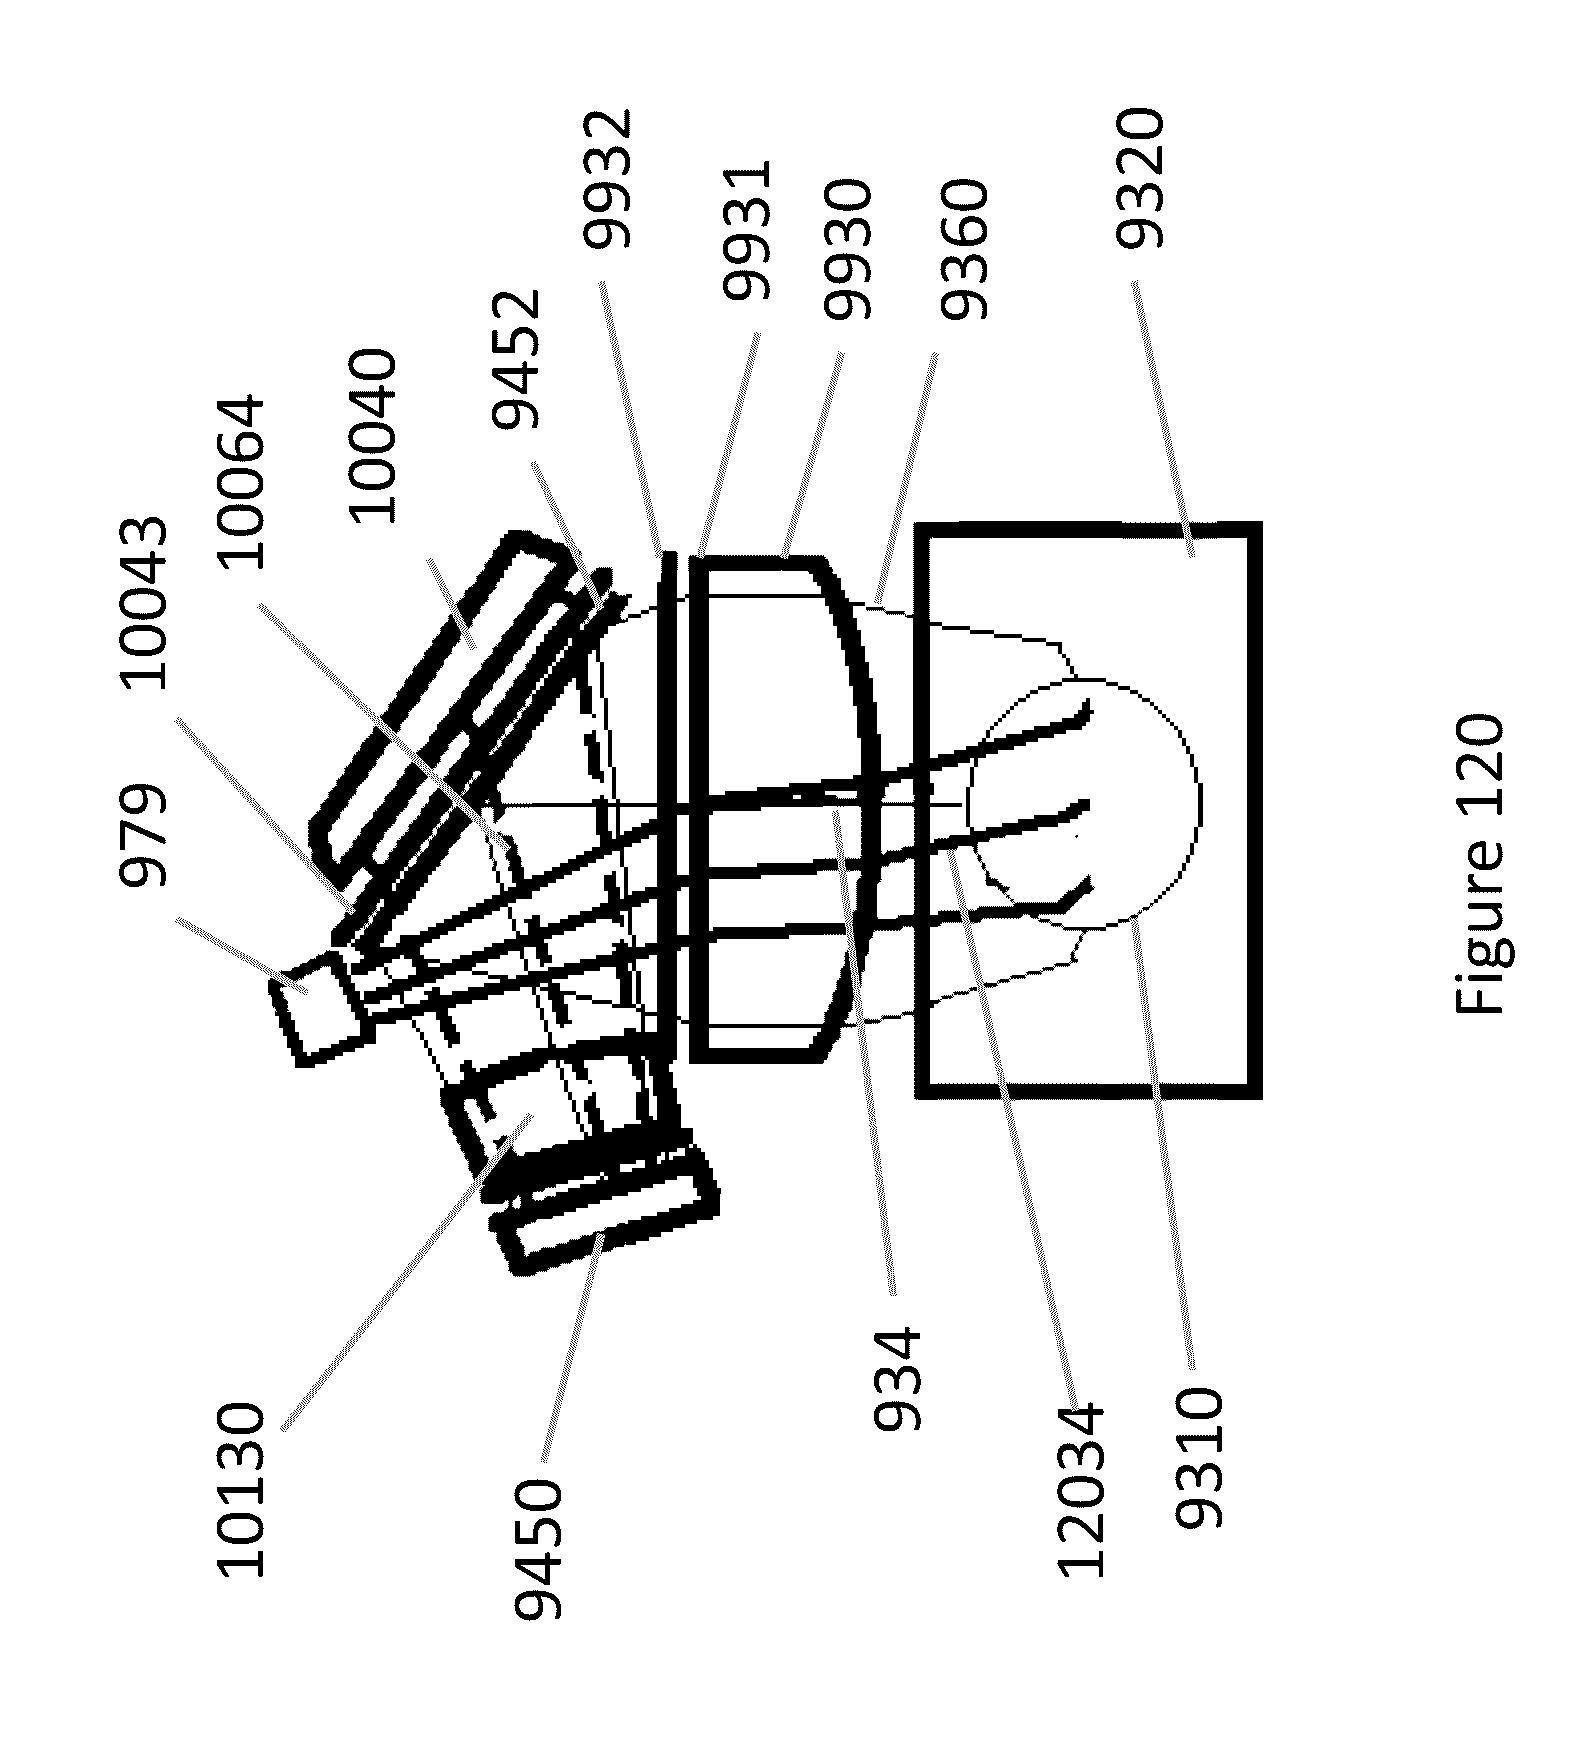 patent us 9 684 172 b2 Big Tex ATV Trailers patent images